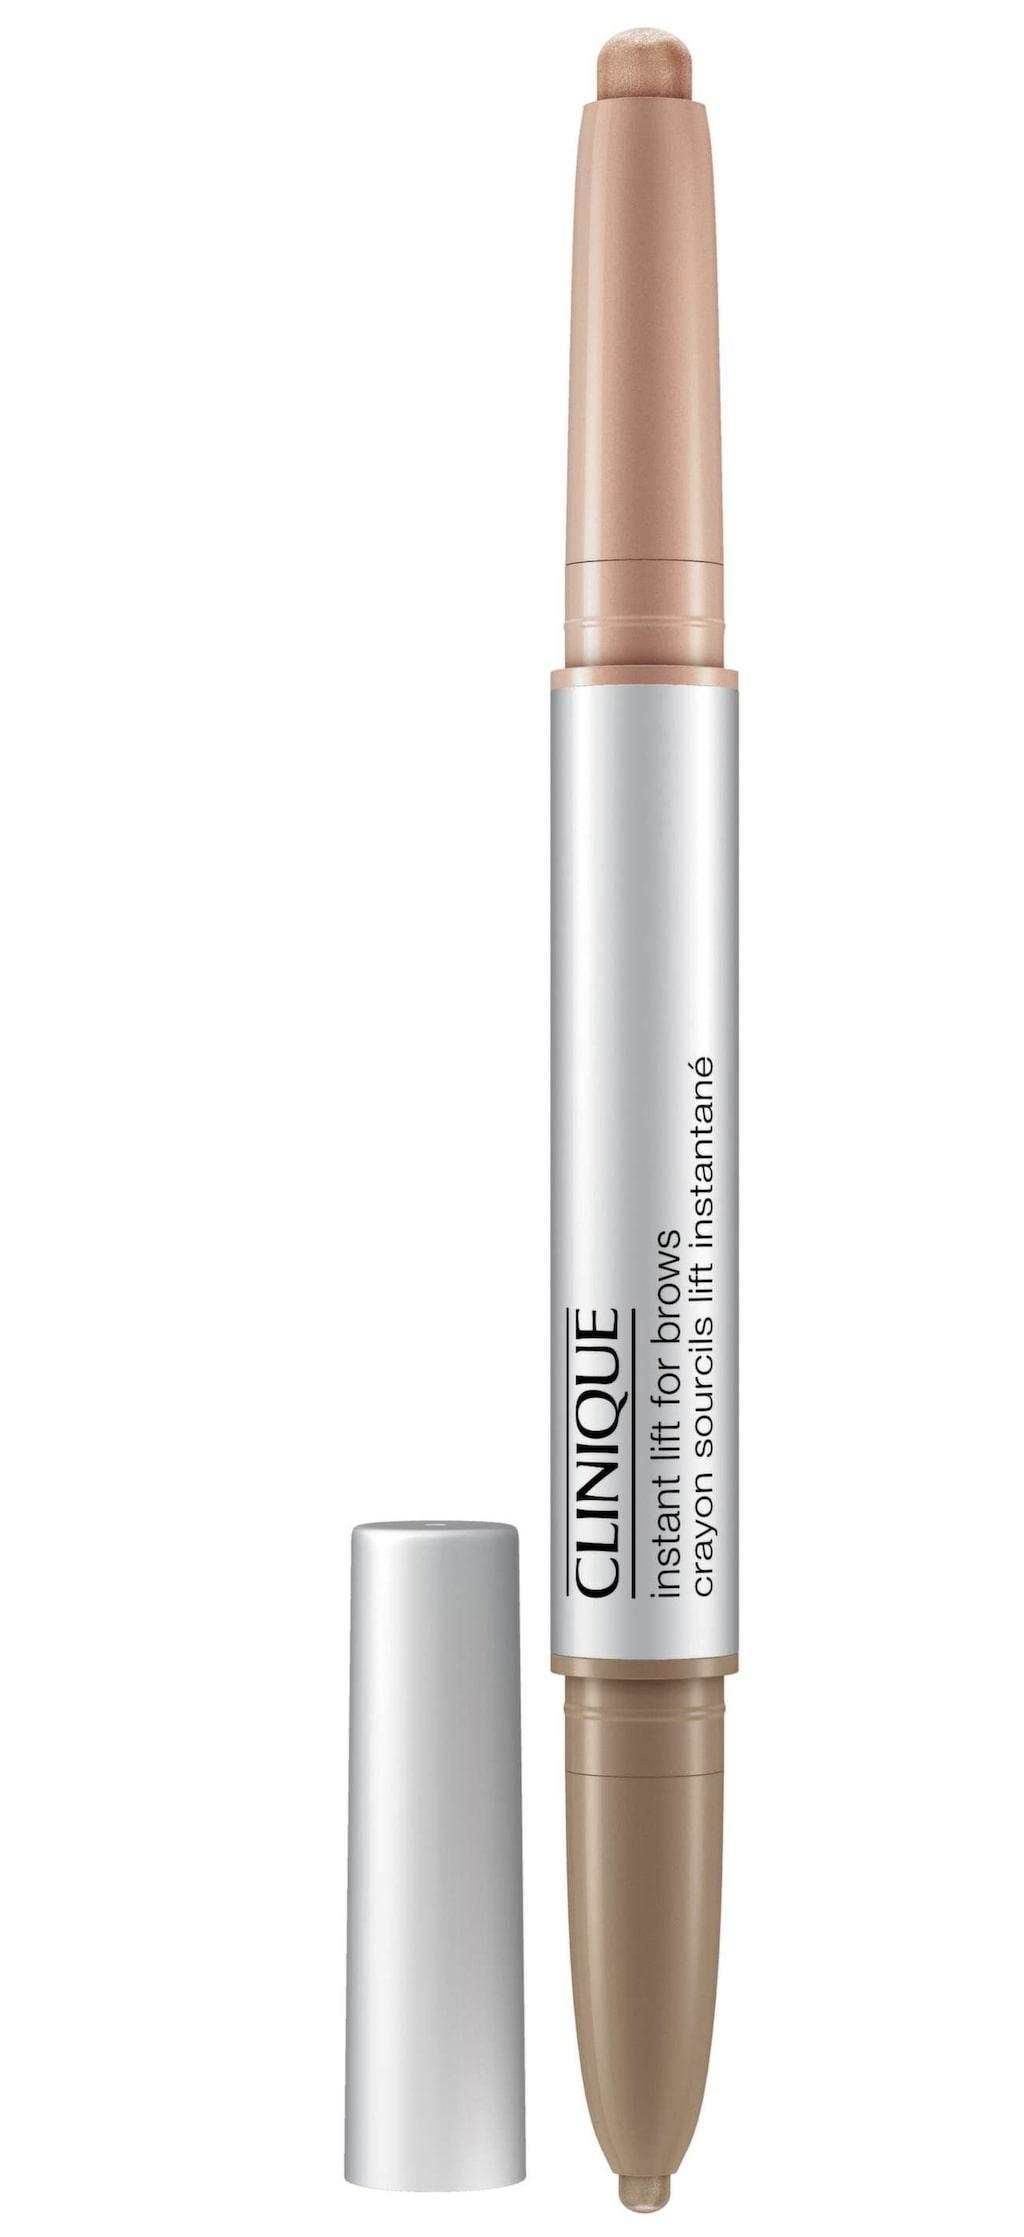 Lyfter ögat. Instant lift for brows, vattenavvisande duo-penna som definierar ögonbrynen samtidigt som highlighterfunktionen öppnar upp och ger ögat ett lyft, 185 kronor, www.clinique.se